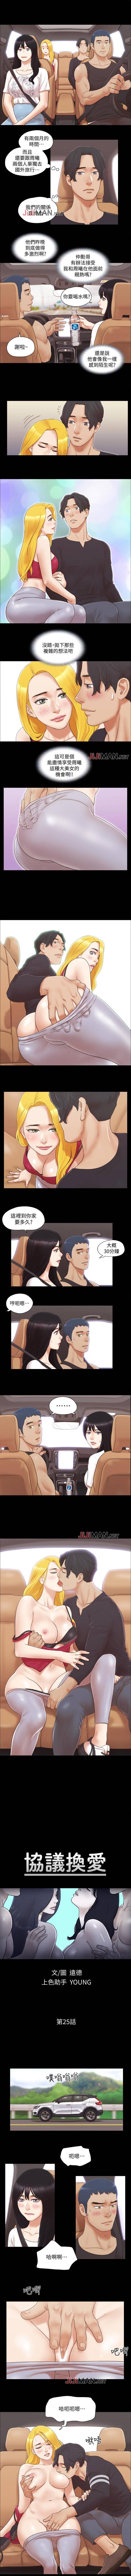 【周五连载】协议换爱(作者:遠德) 第1~62话 105